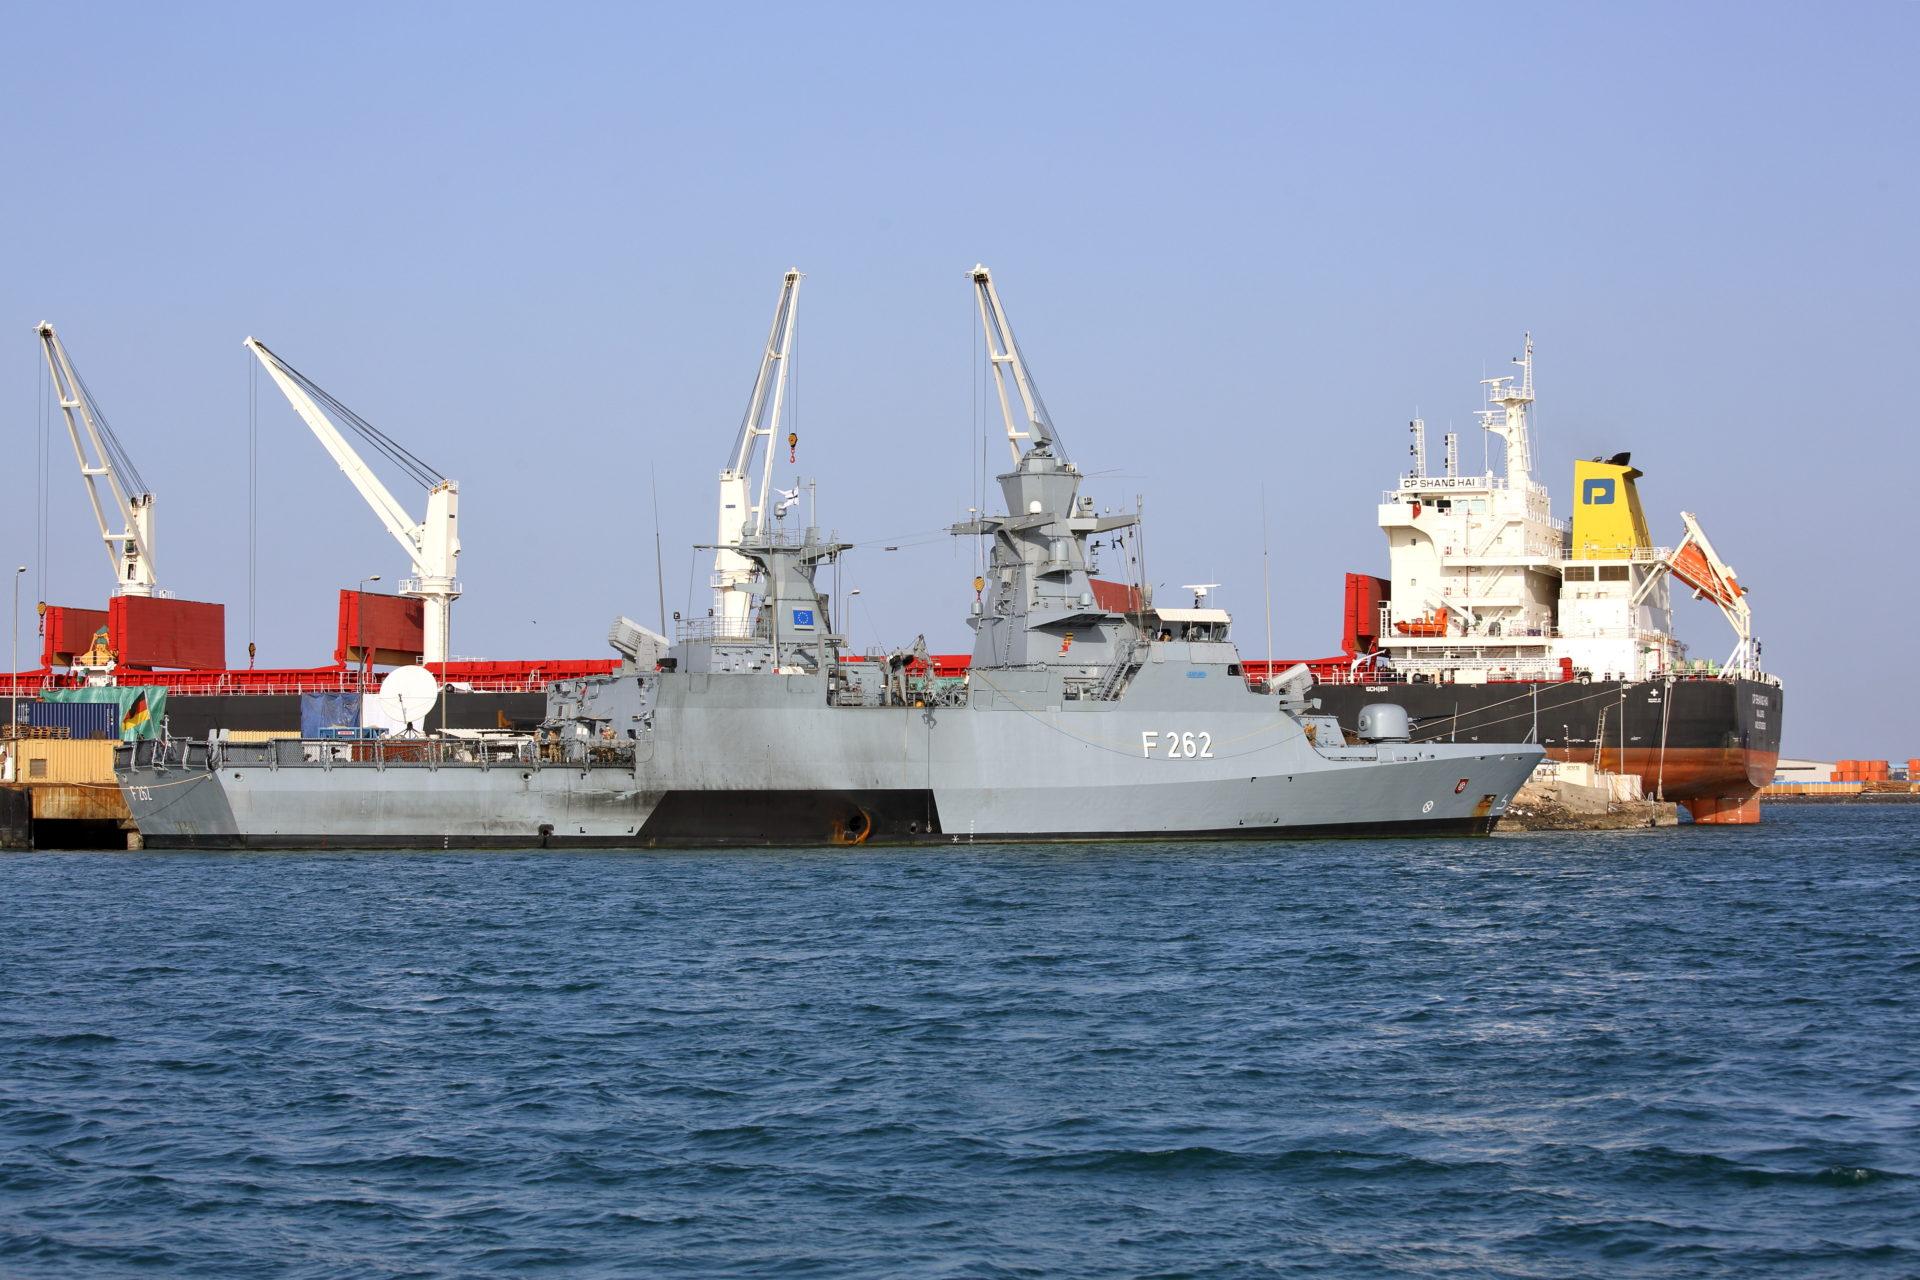 ジブチの港に浮かぶEU軍艦